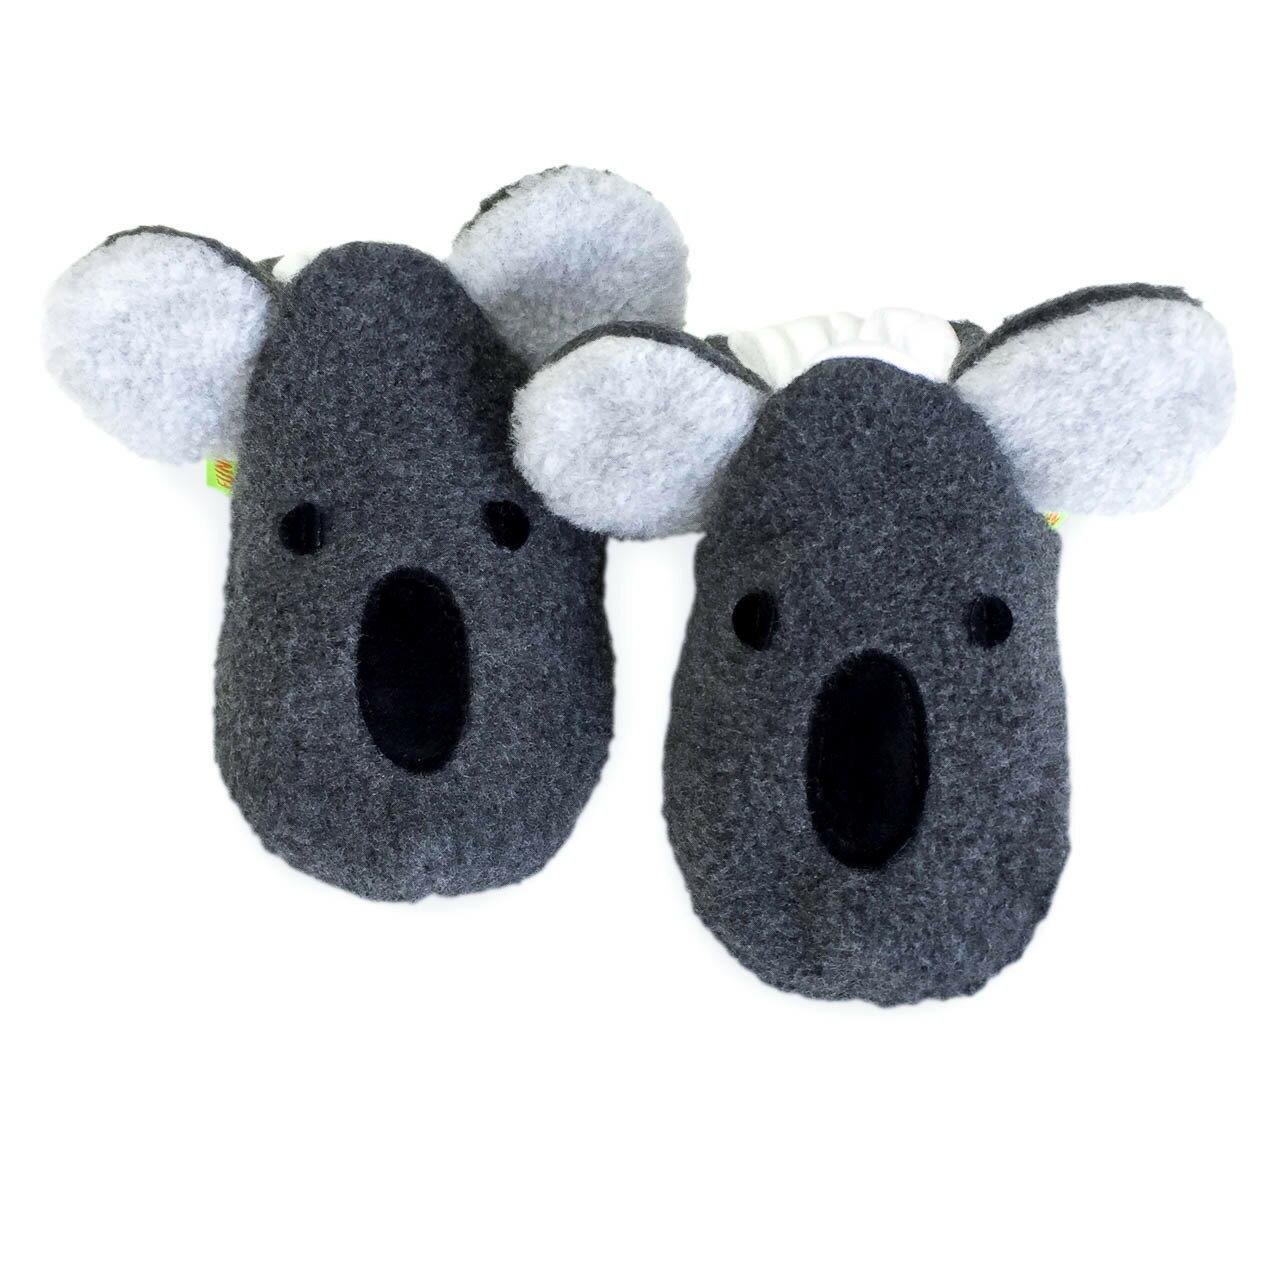 英國 Funky Feet 手工學步鞋 室內鞋 無尾熊 6-24M